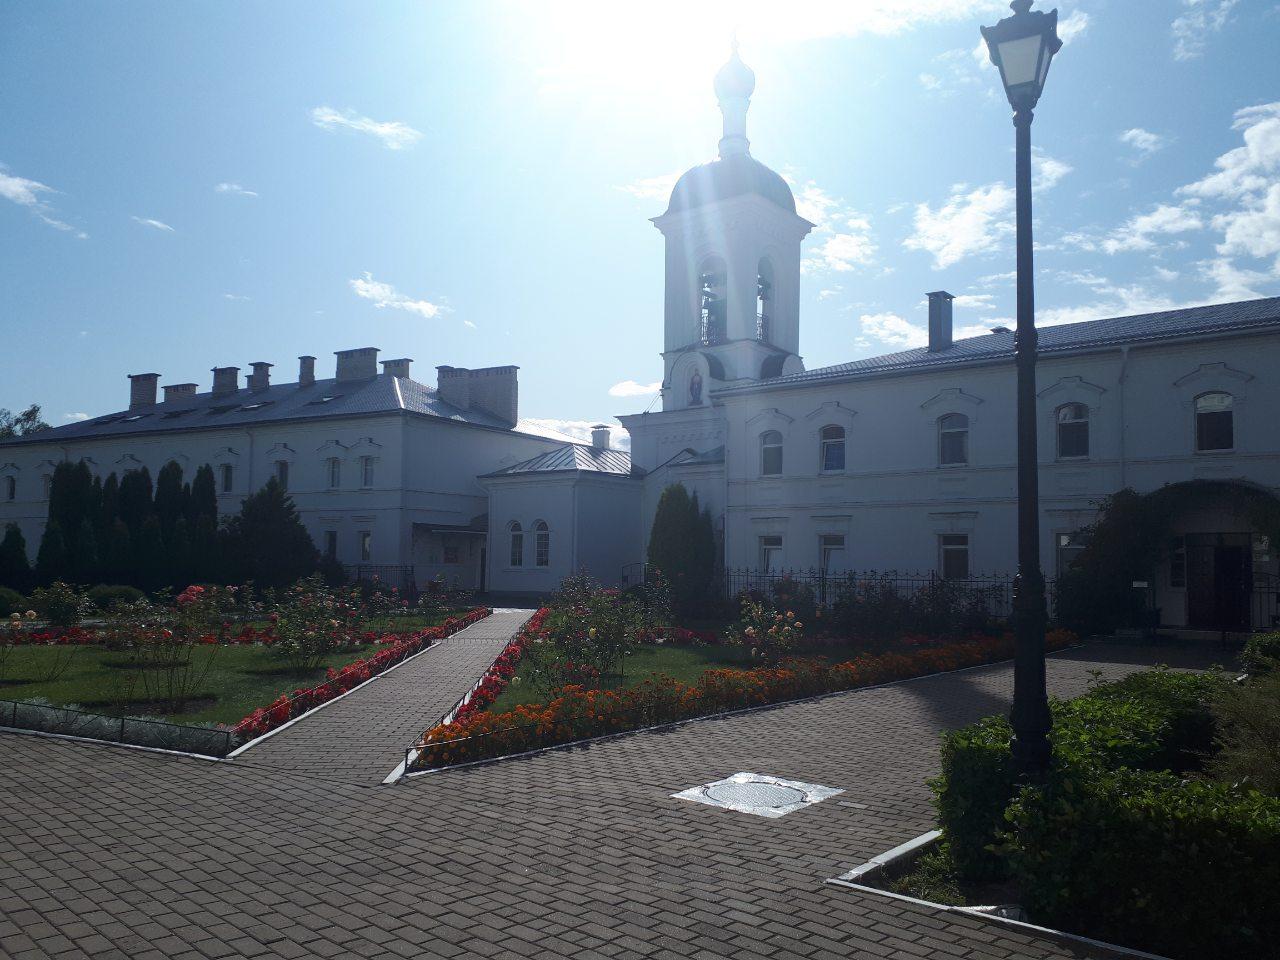 image 0 02 05 7a4f207bf3df1d002de93b542a2a2a09060b4d98f61333f44b669e3bbb56ea73 V - Спасо-Евфросиниевский монастырь в Полоцке